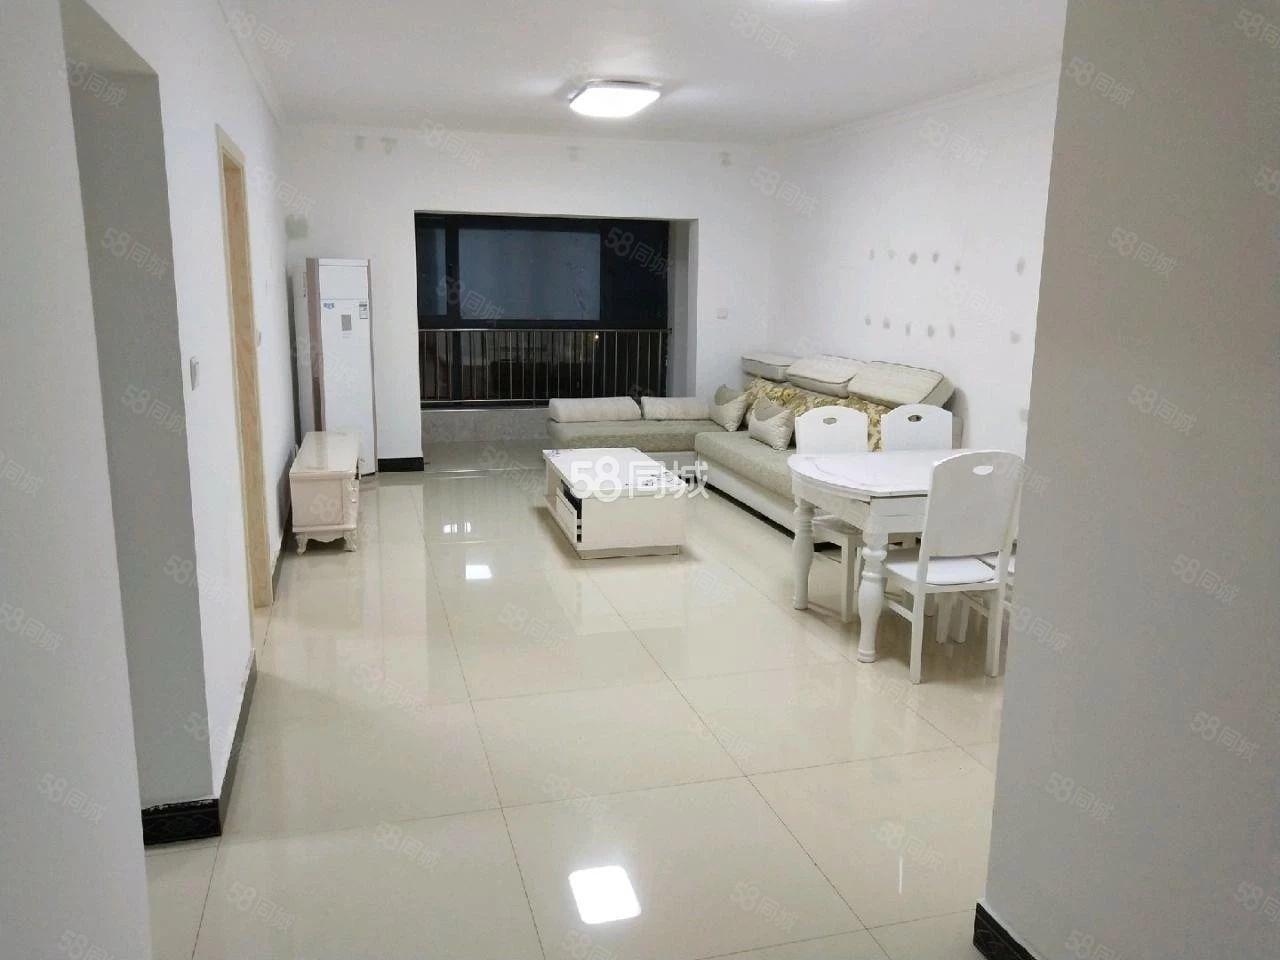 万家灯火诚心出租精装二房,拎包入住不可错过的舒适好房